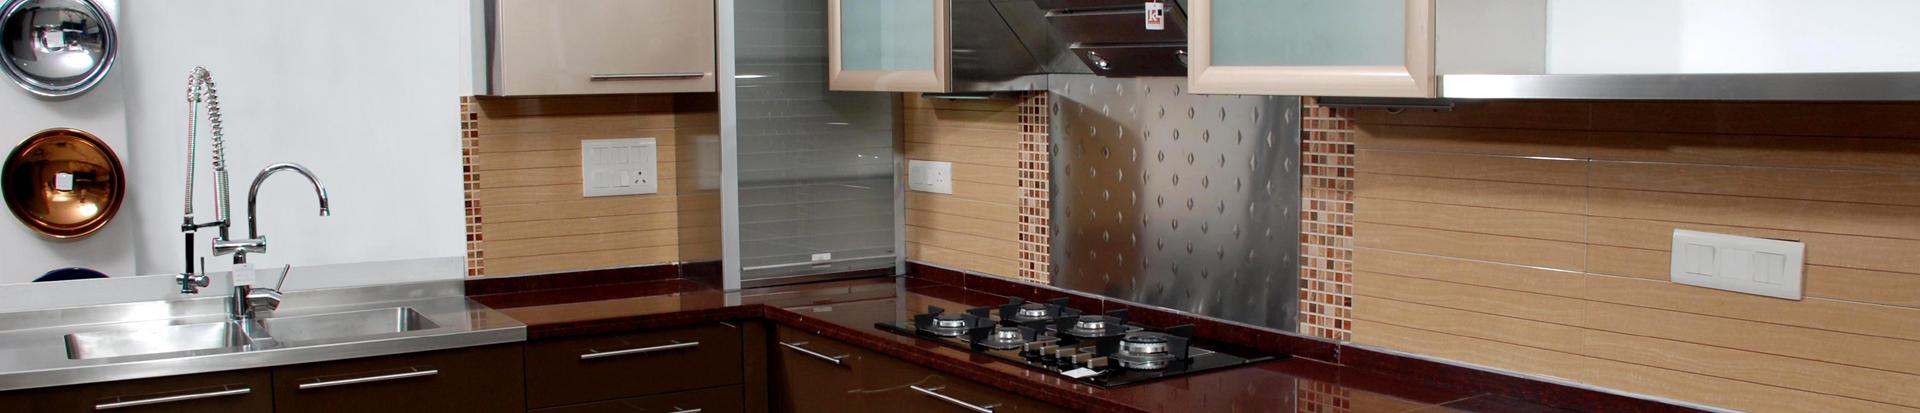 Rudra home modular kitchens franchise in india amritsar punjab mumbai pune delhi modular Kitchen design in punjab